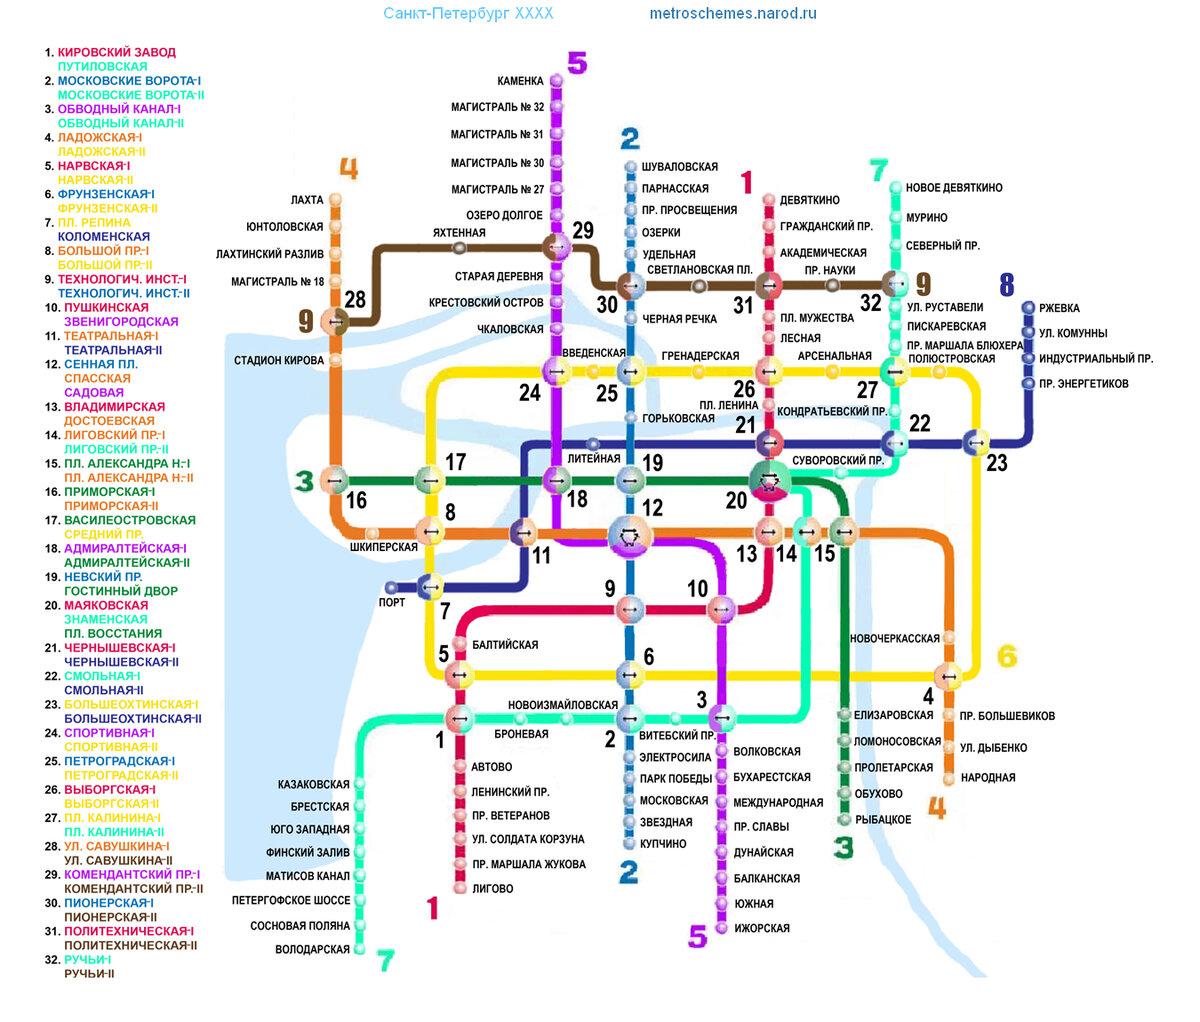 самом схема метро спб фото хорошего качества кто-нибудь достал пачки